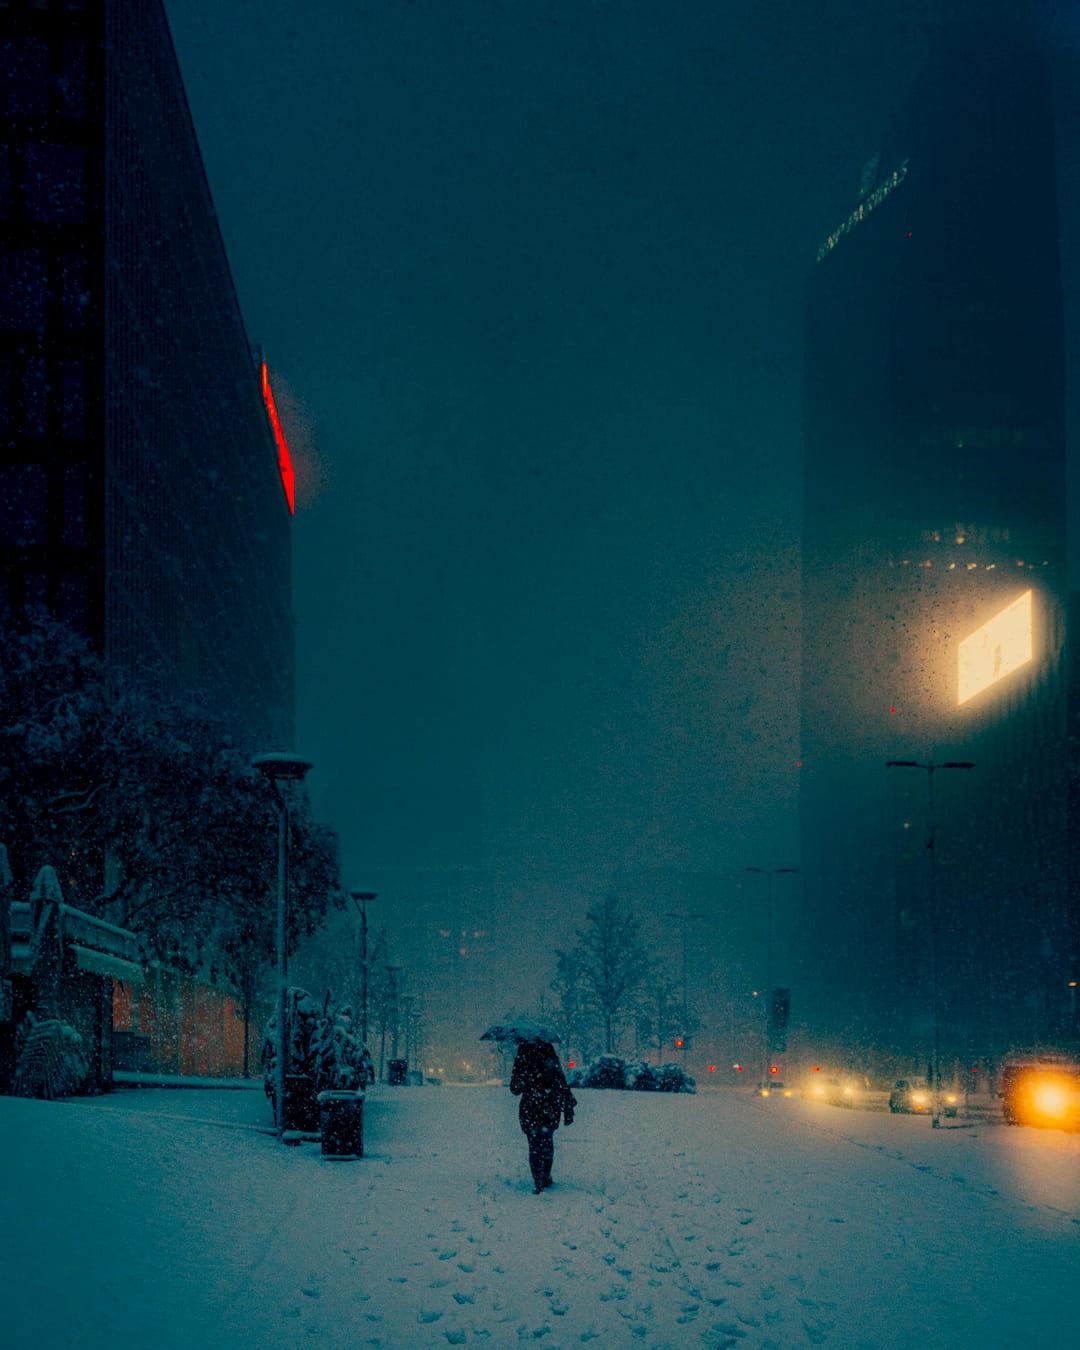 Urban_61